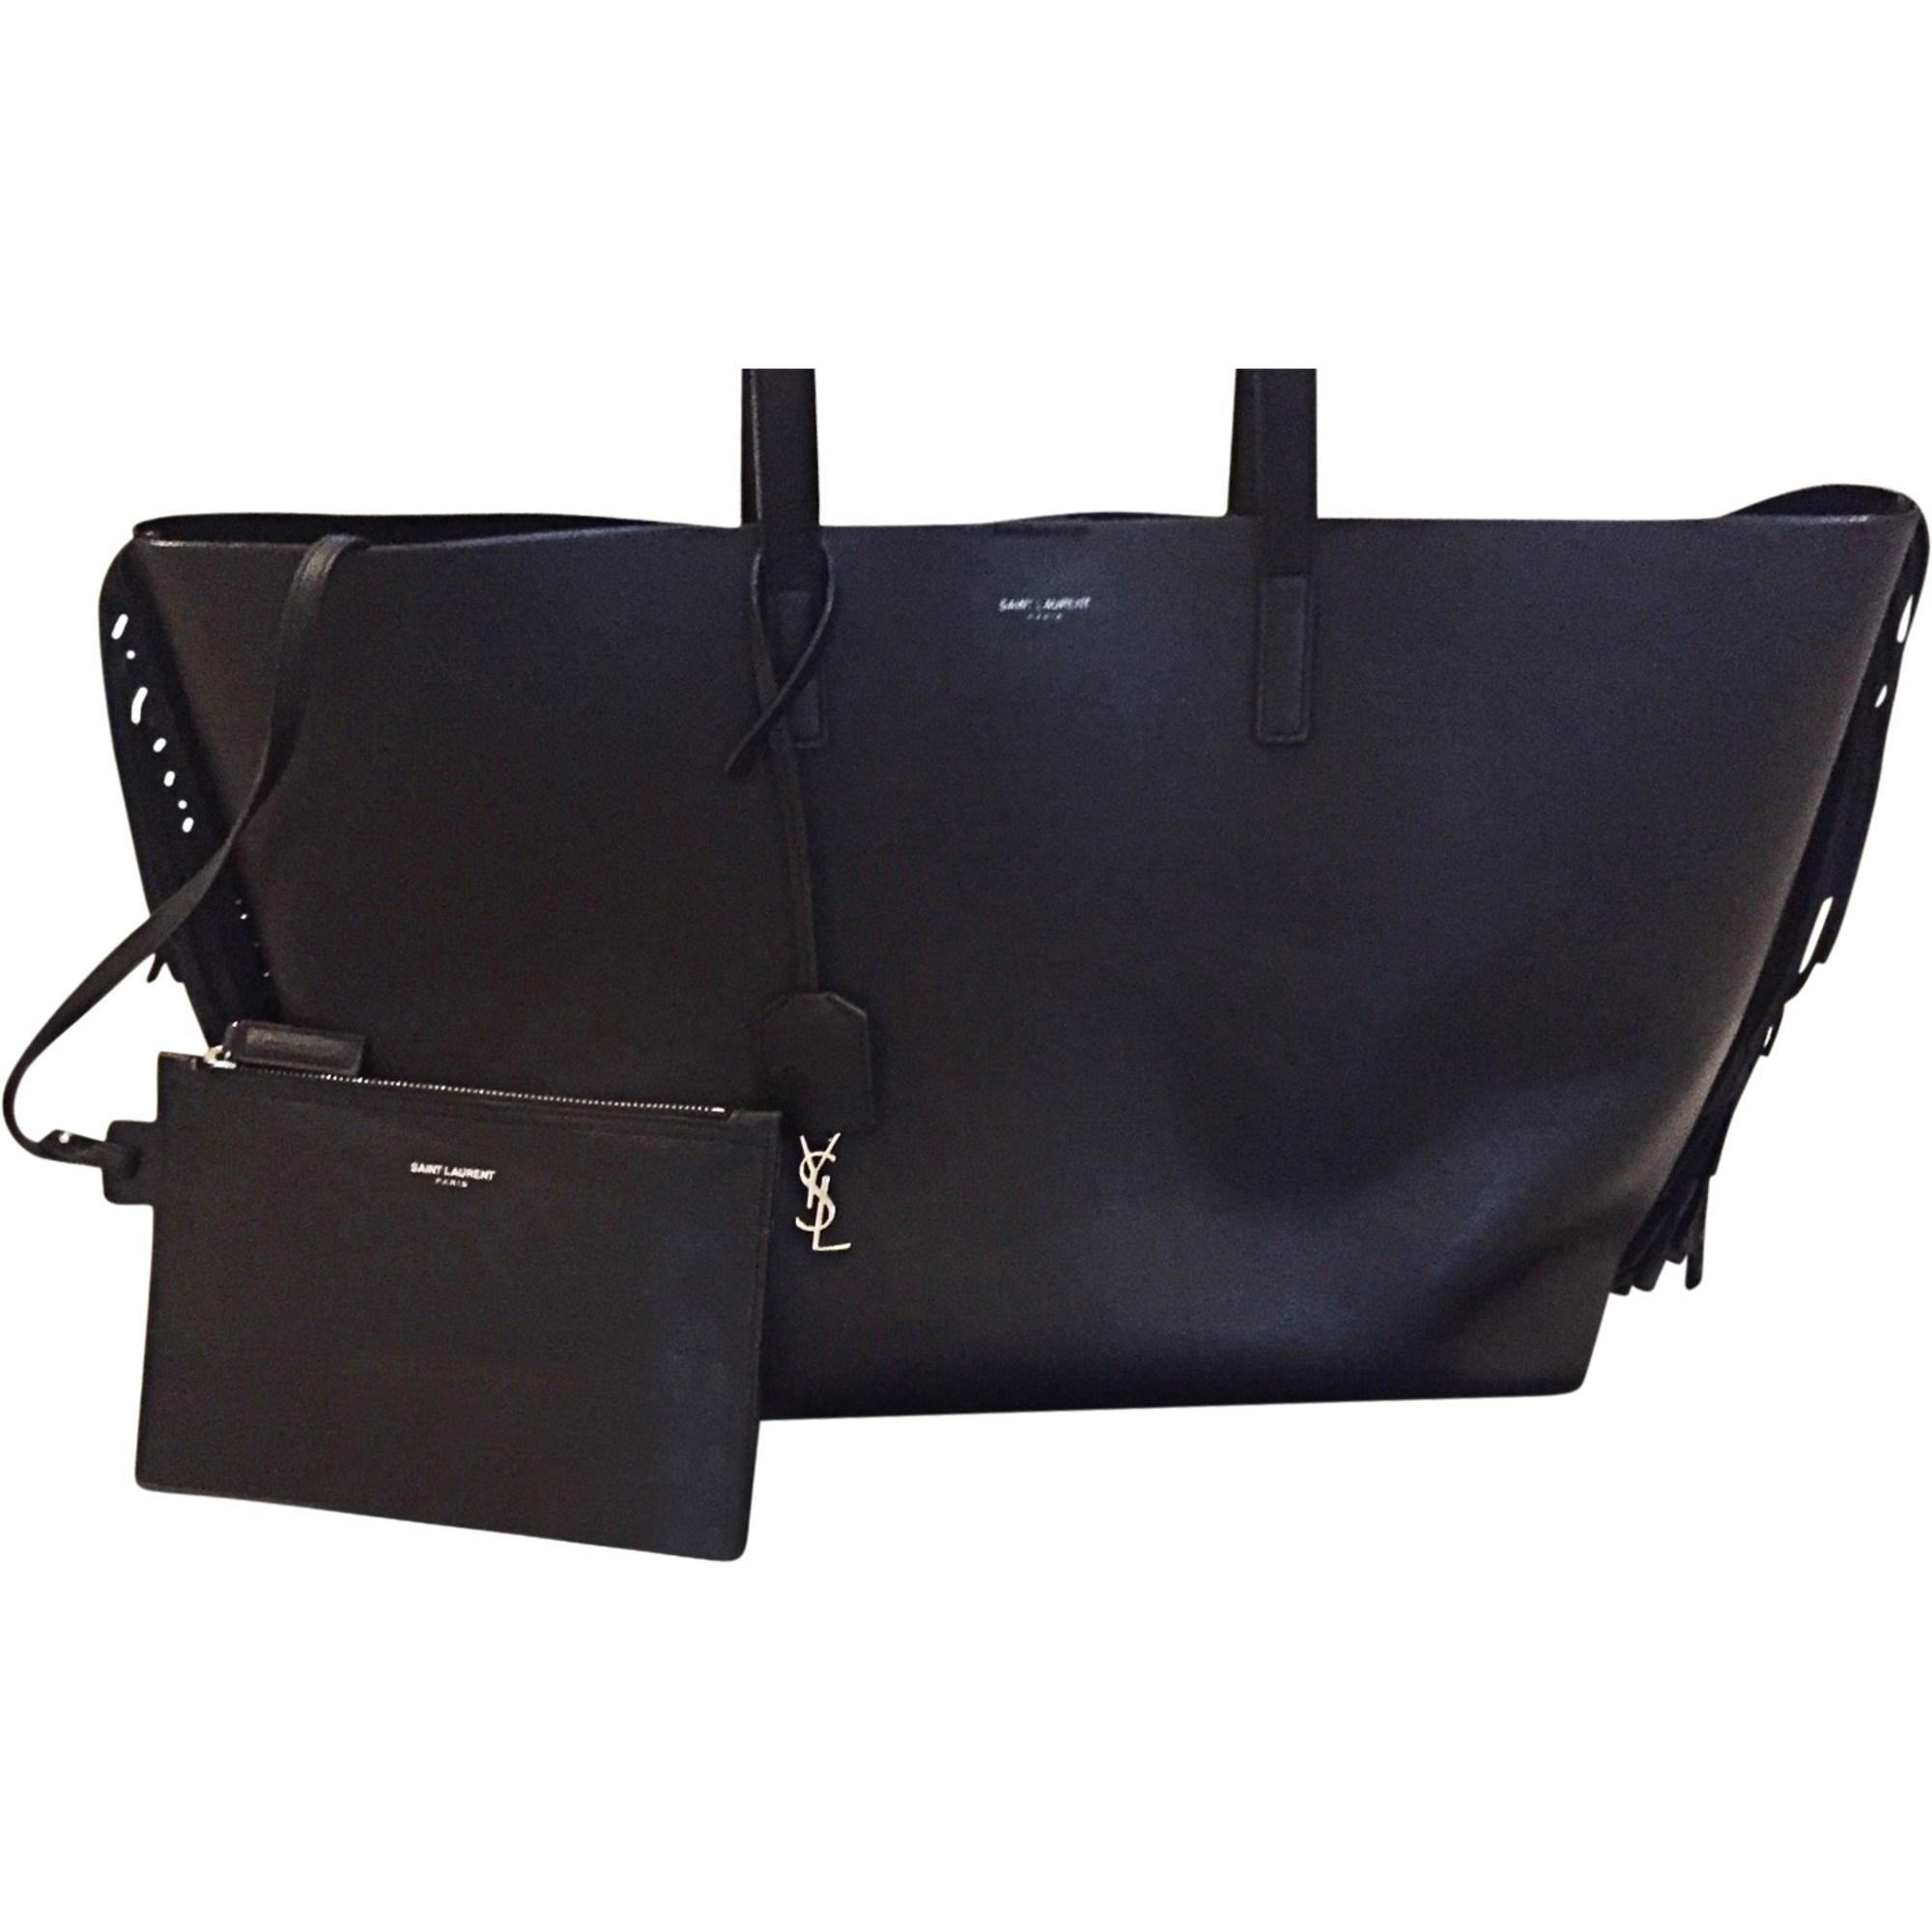 Leather Handbag SAINT LAURENT Black